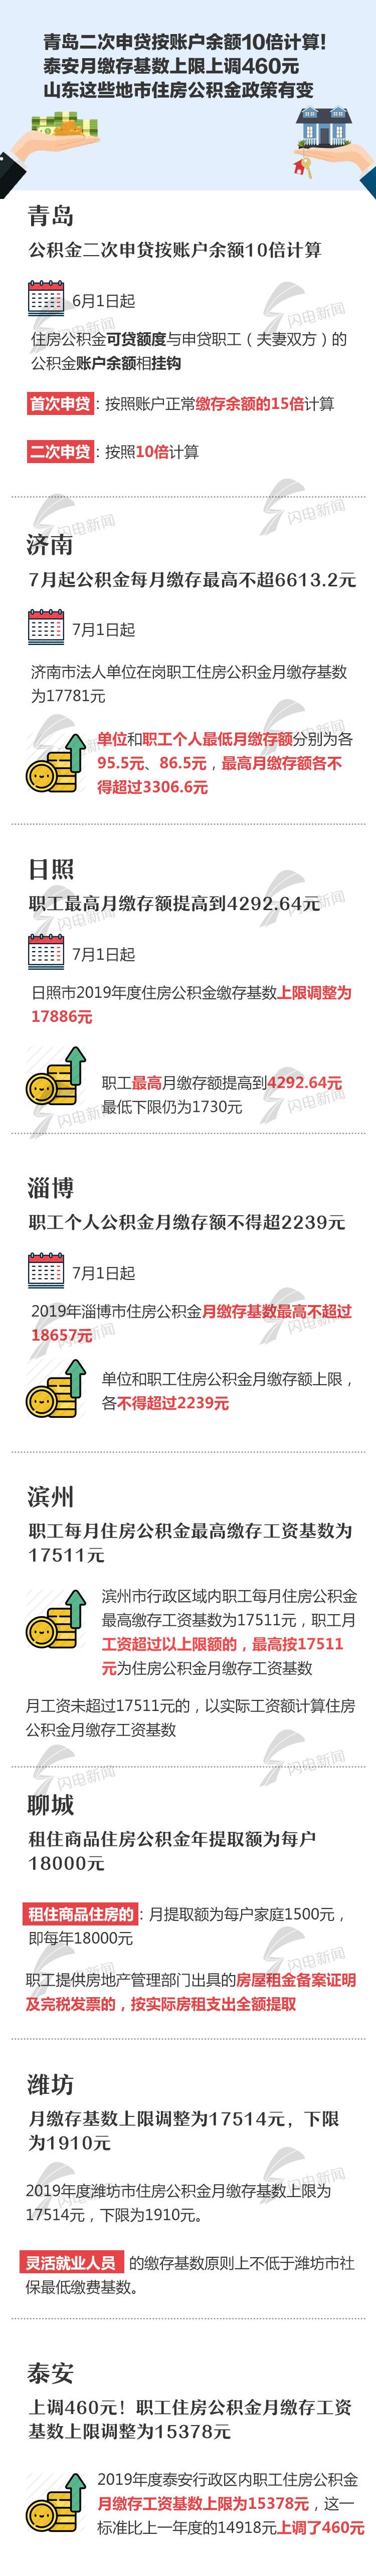 青岛市公积金�z*_山东这8市住房公积金政策有变看有哪些变化_山东频道_凤凰网